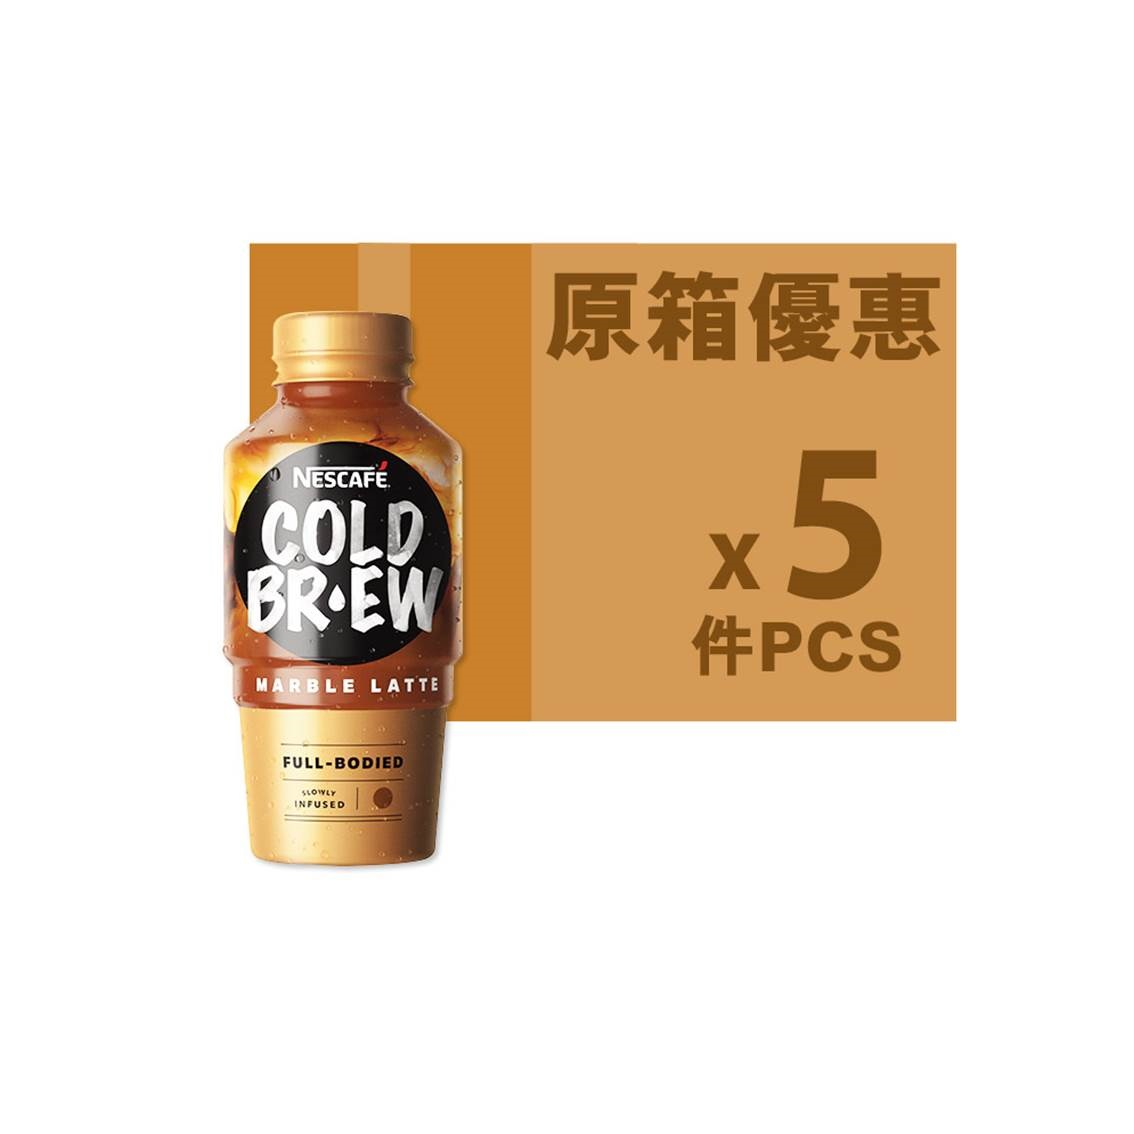 雀巢咖啡冷萃牛奶咖啡 280mlx3(原箱)